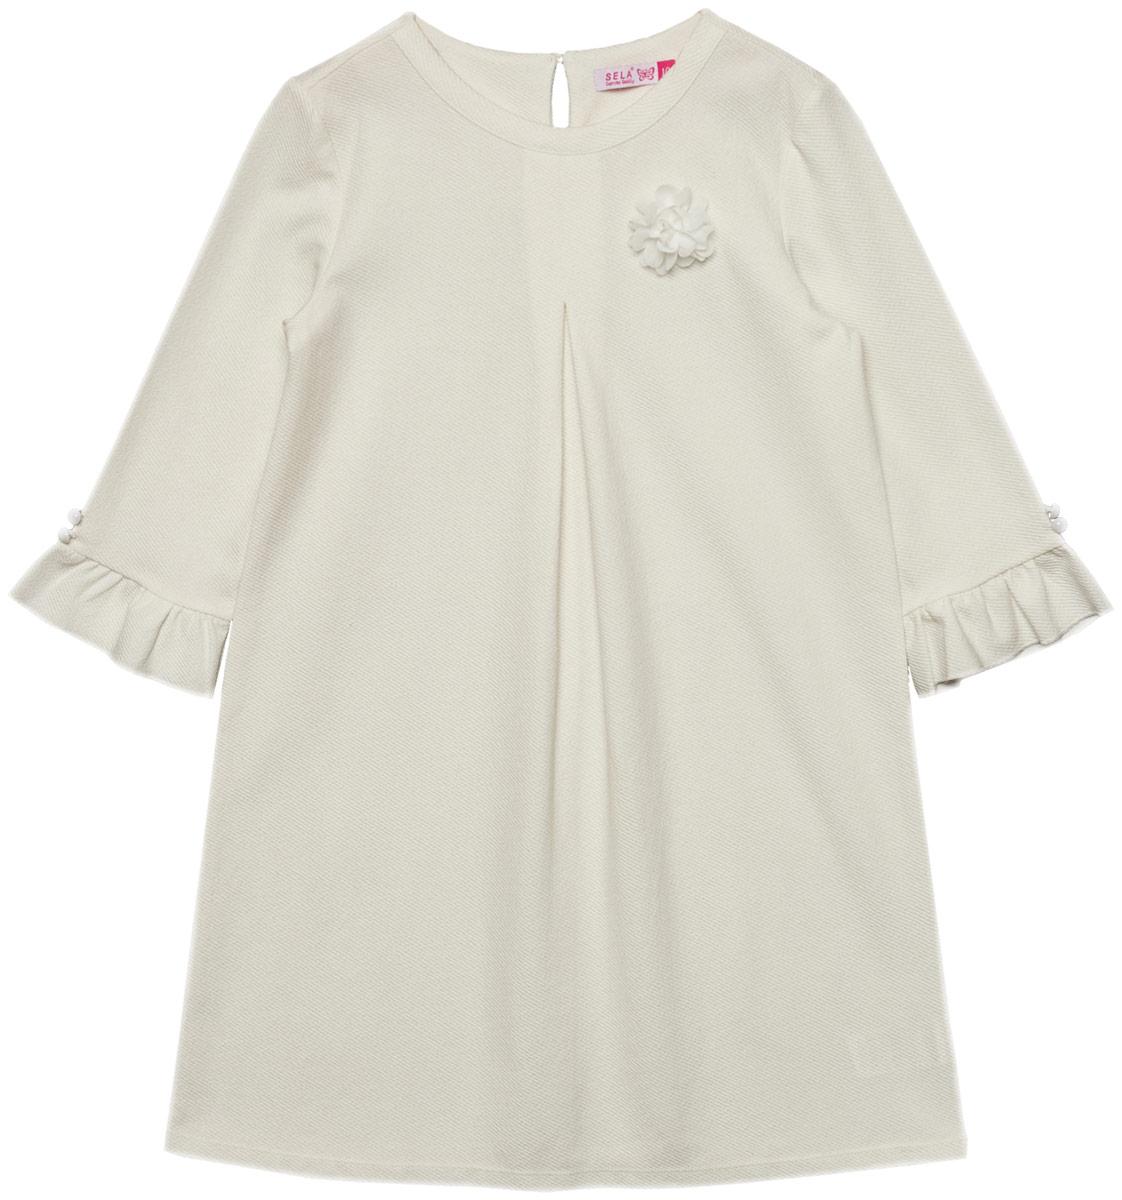 Платье для девочки Sela, цвет: белый. DK-617/885-8110. Размер 140DK-617/885-8110Платье для девочки Sela выполнено из качественного материала. Модель с круглым вырезом горловины сзади застегивается на пуговицу.